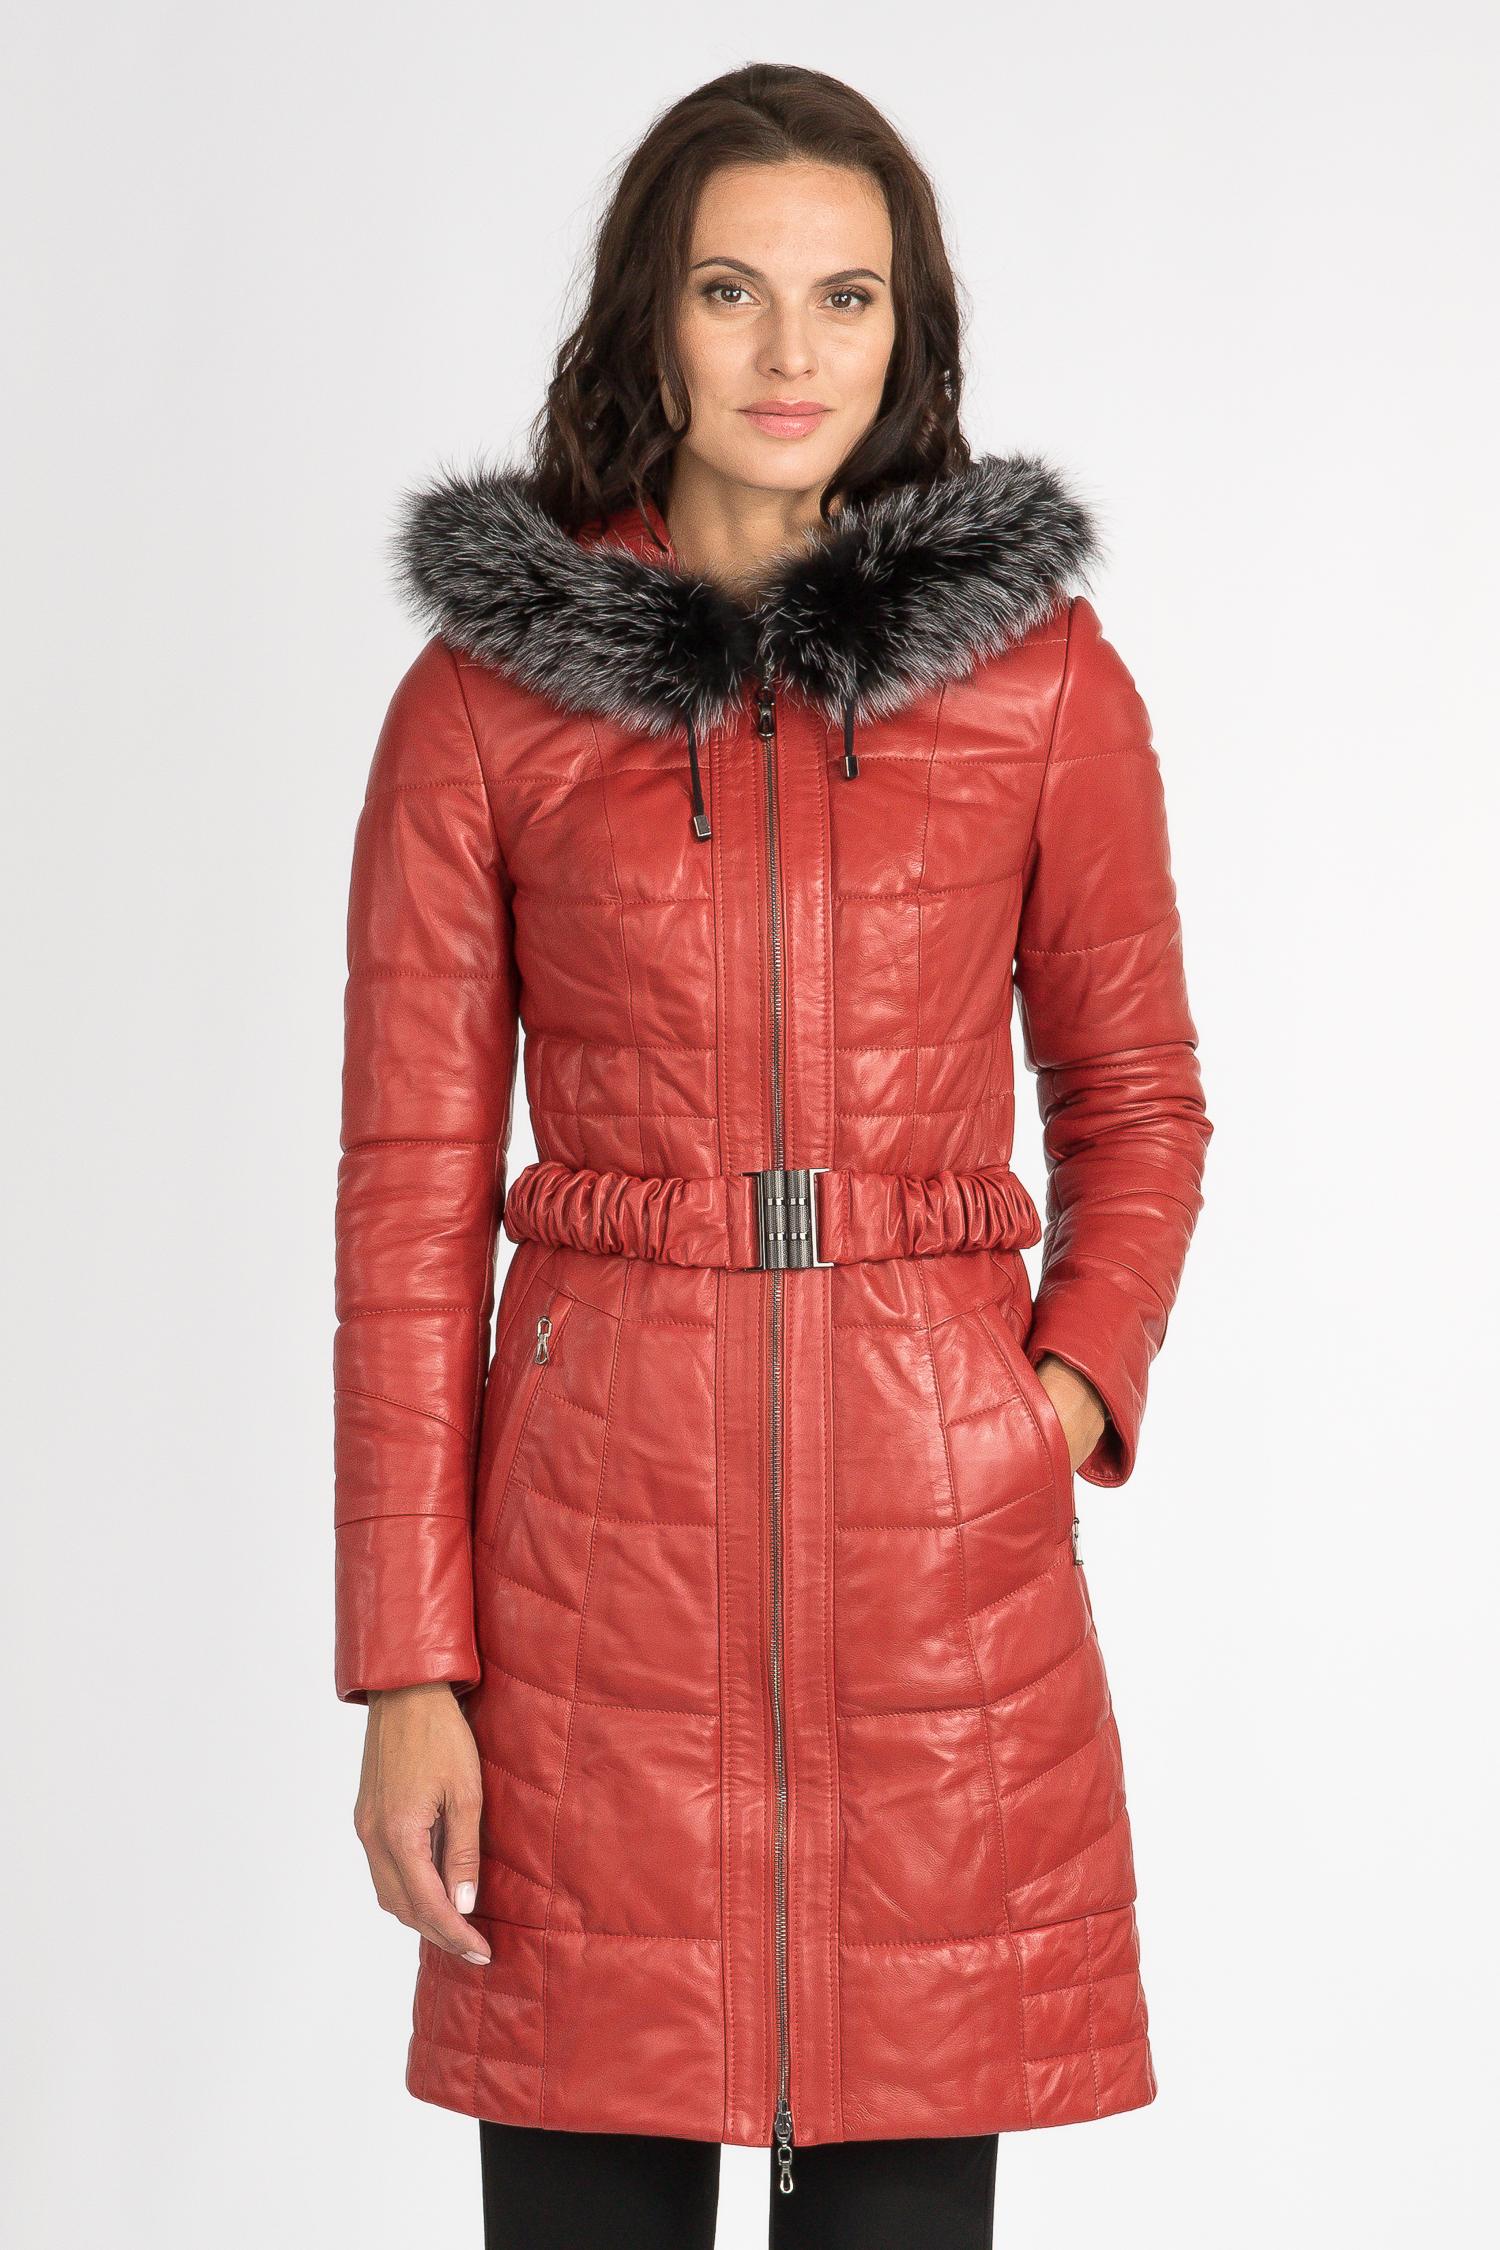 Купить Пуховик женский из натуральной кожи с капюшоном, отделка блюфрост, МОСМЕХА, красный, Кожа овчина, 2100454